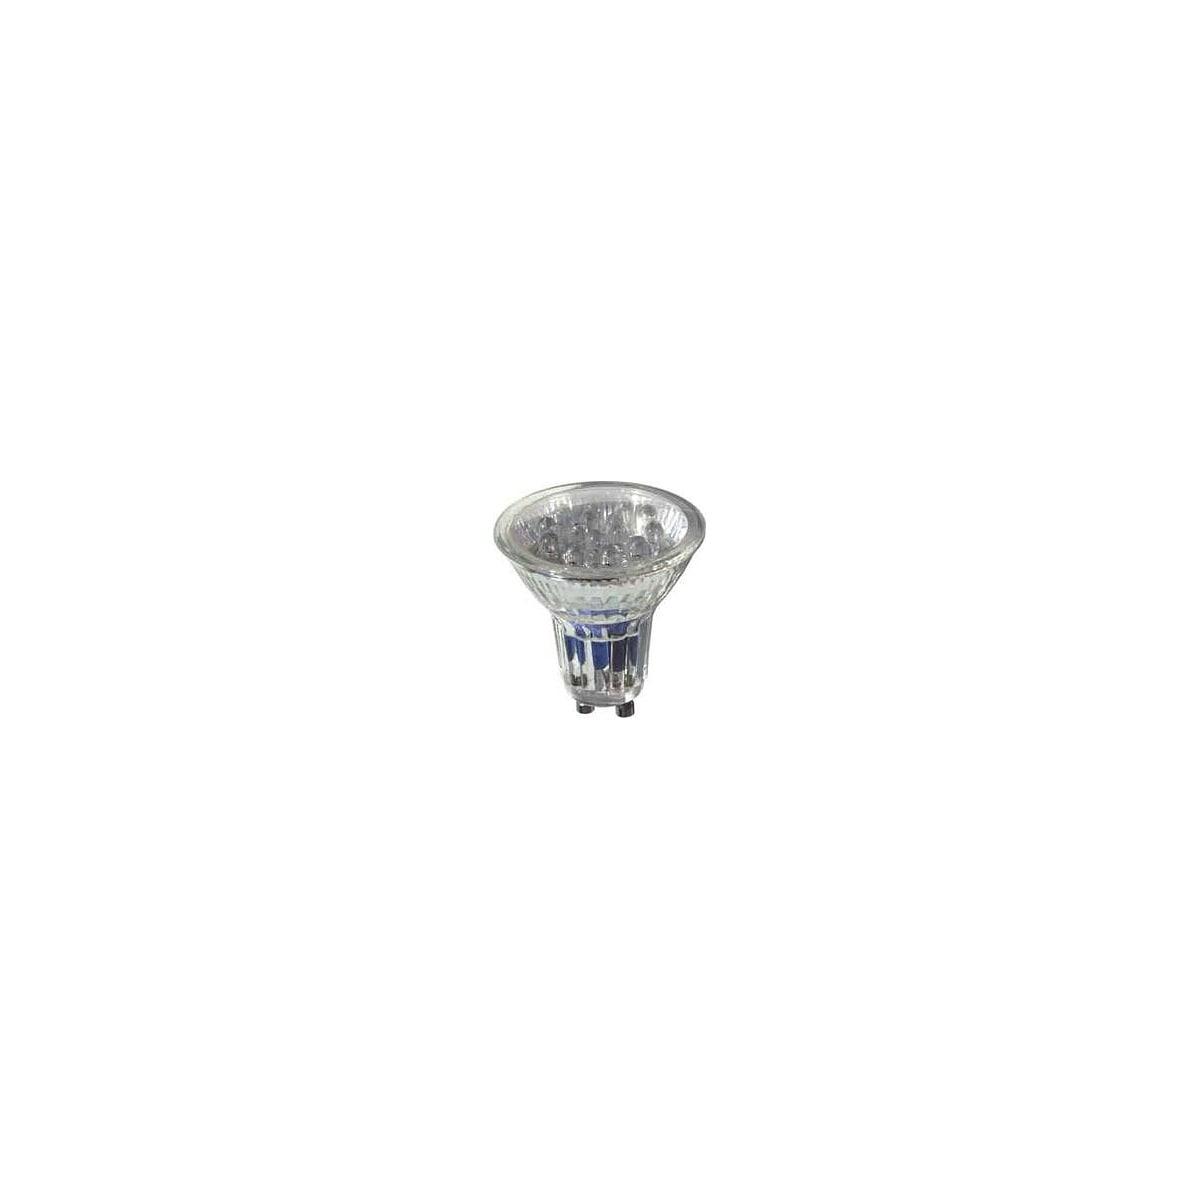 led leuchtmittel gu10 5w leuchtmittel lampen dekoration m bel boss. Black Bedroom Furniture Sets. Home Design Ideas